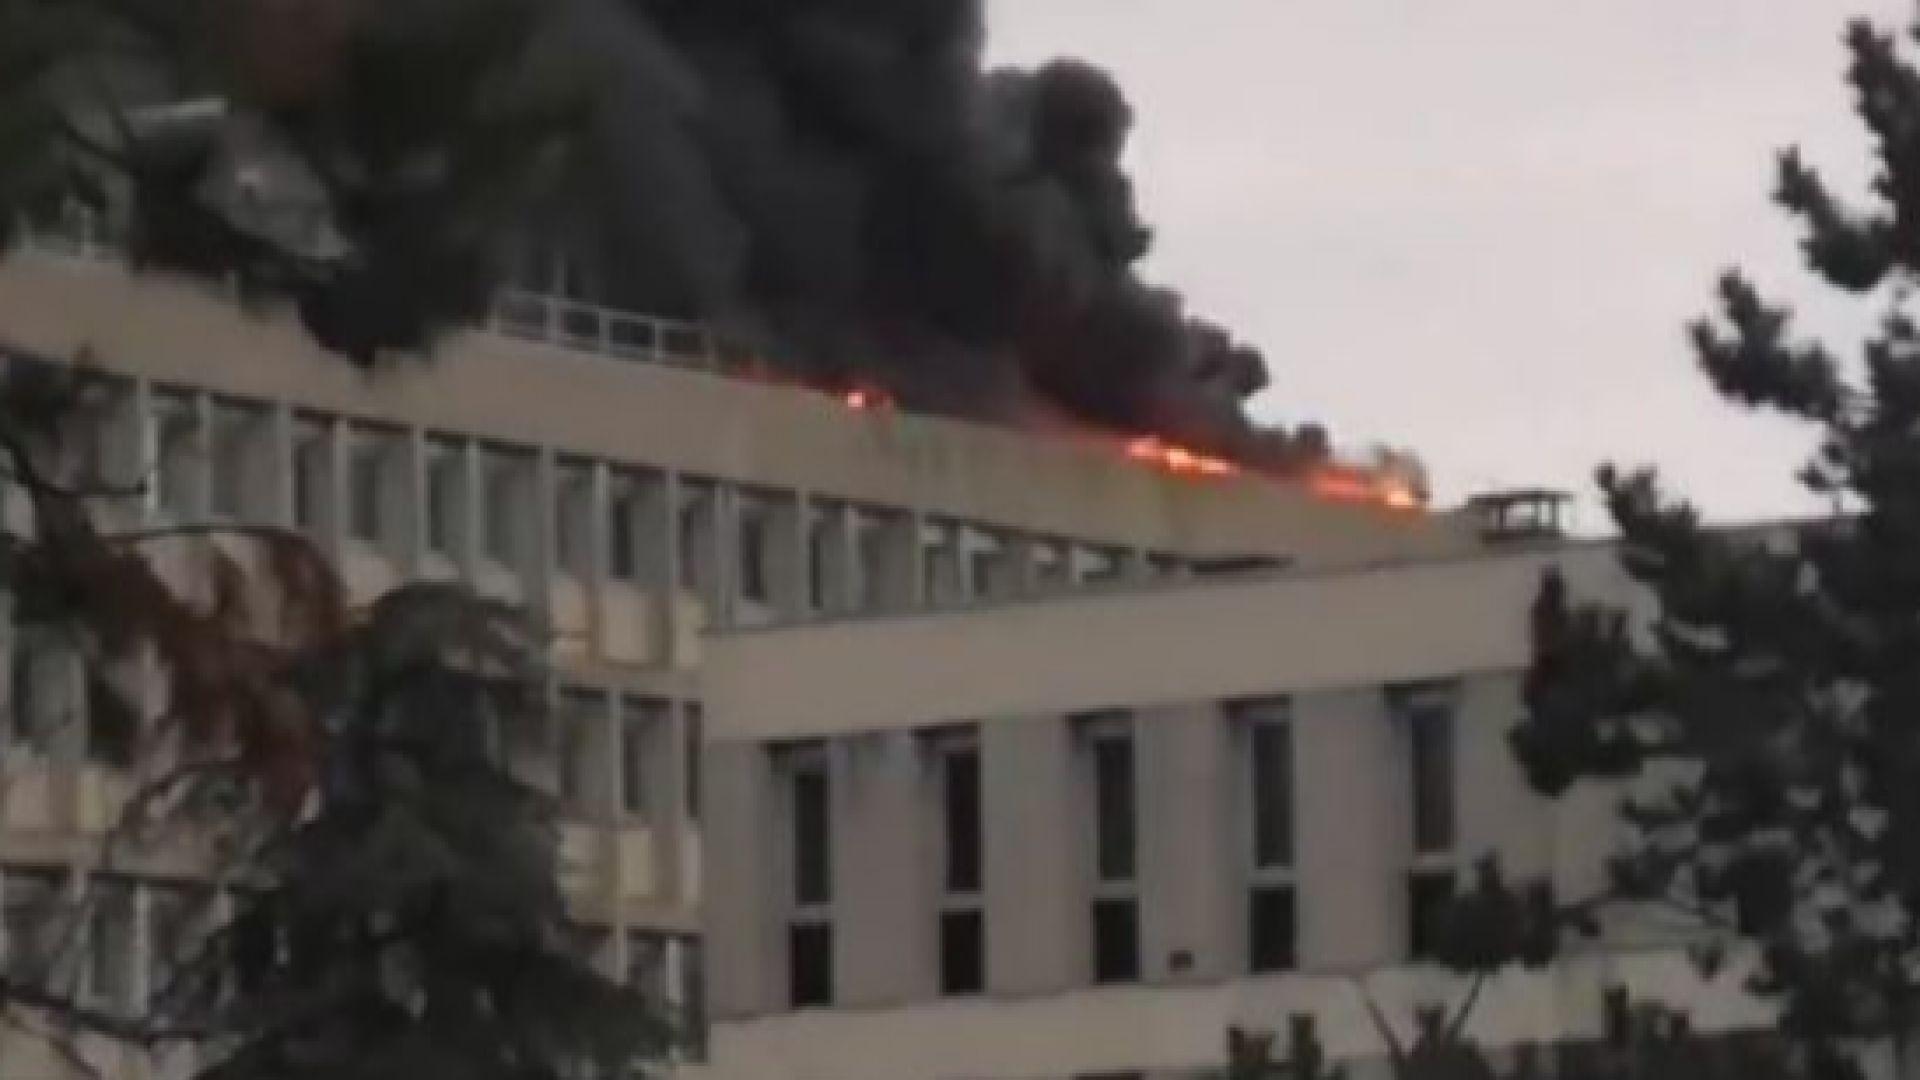 Експлозия в университета в Лион, Франция. Вероятната причина за инцидента